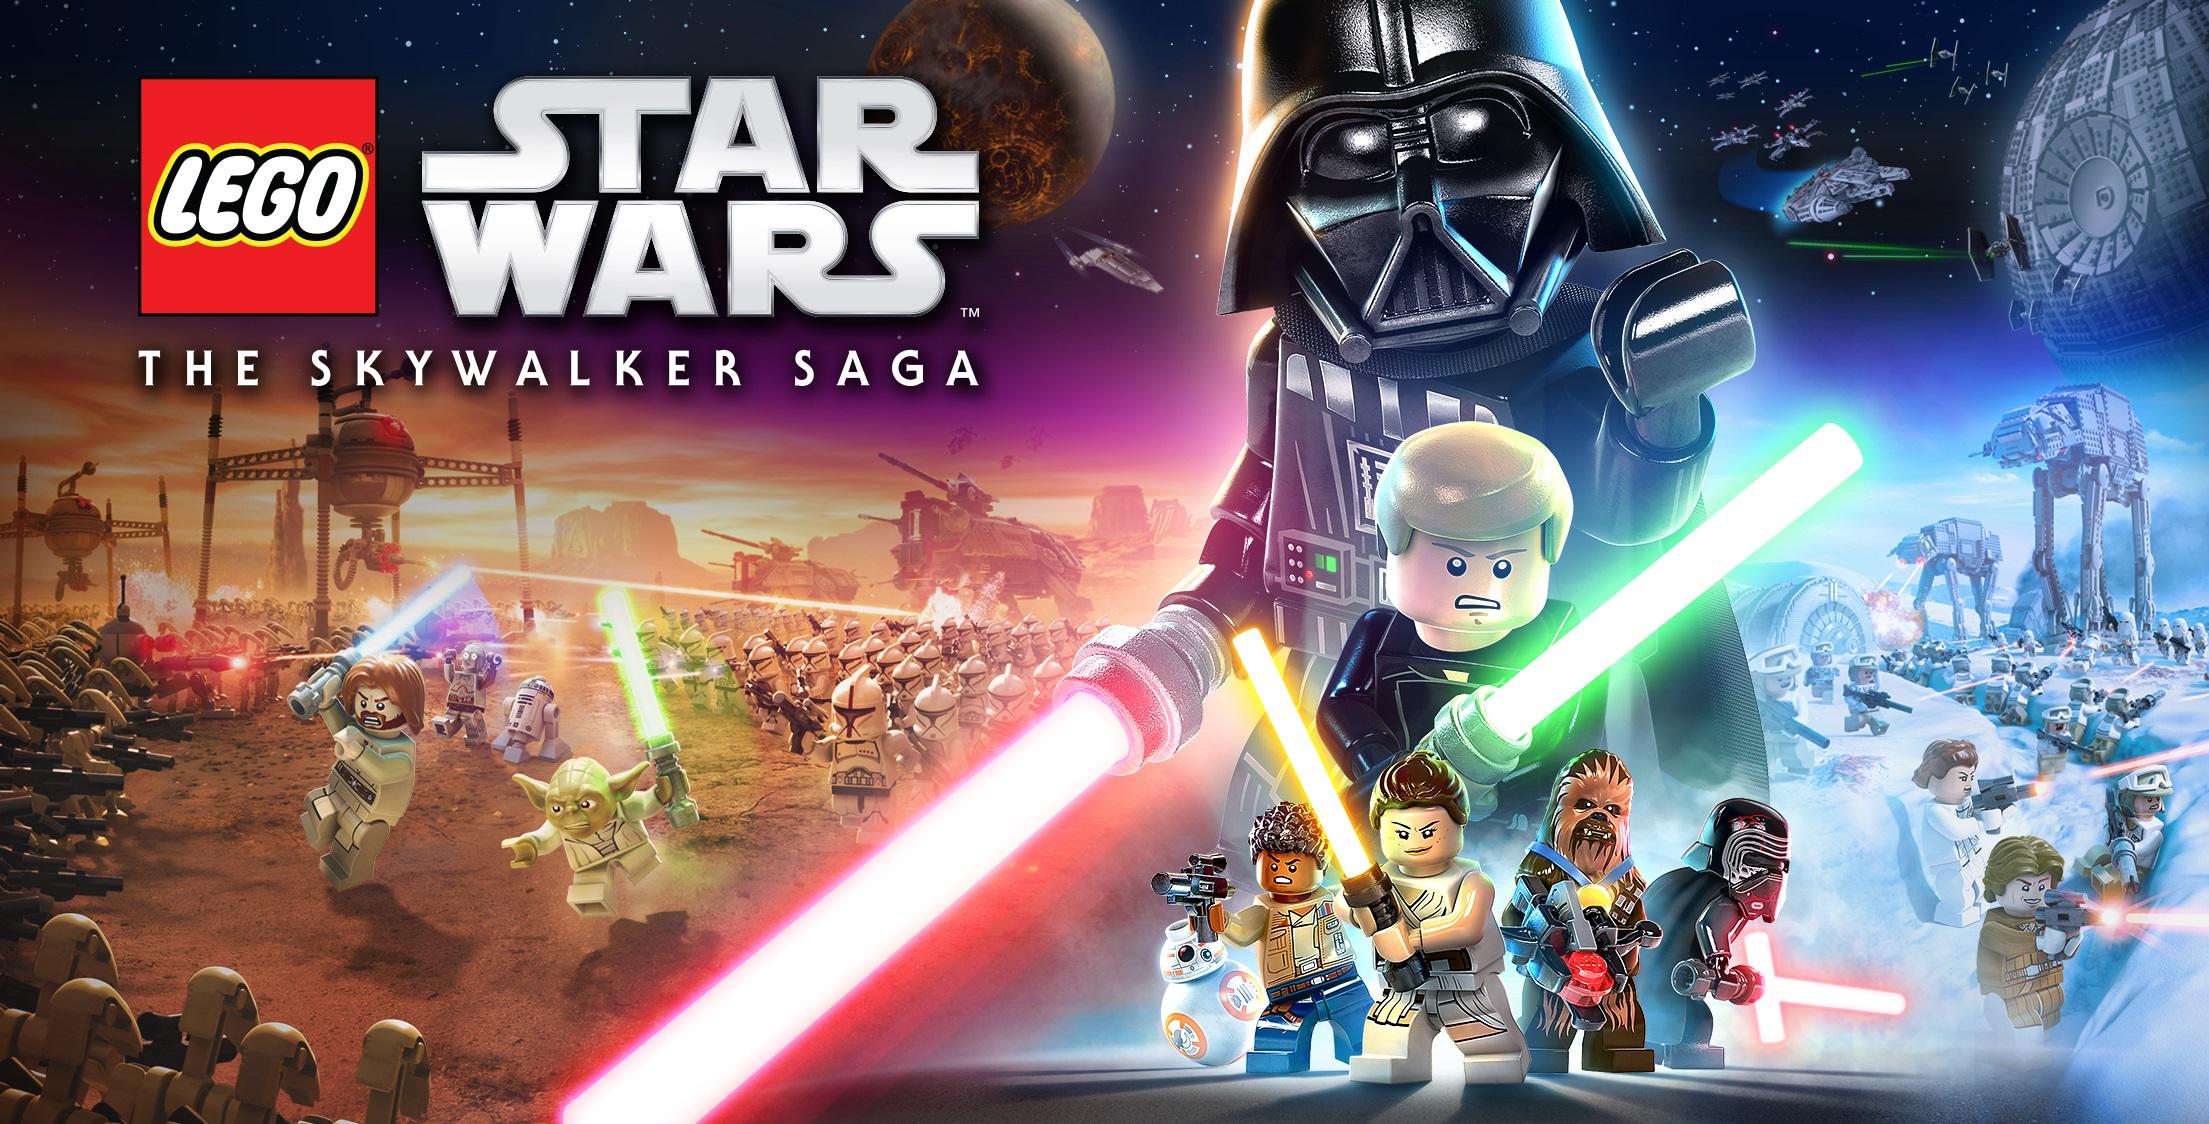 LEGO svela la locandina di Star Wars: La Saga di Skywalker thumbnail